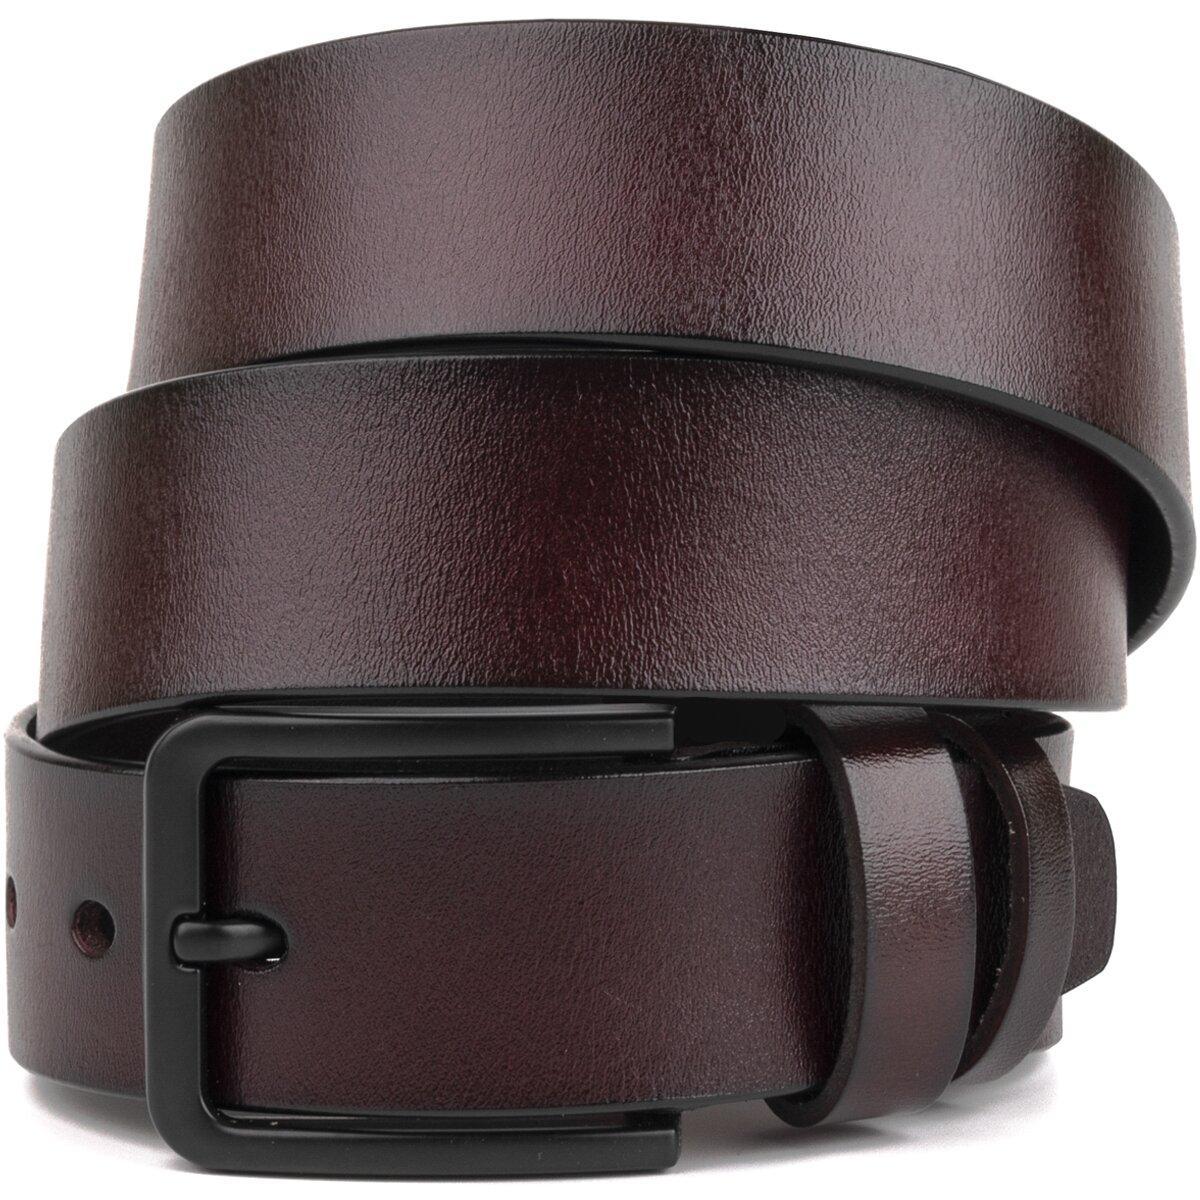 Мужской кожаный ремень Vintage 20221 Коричневый